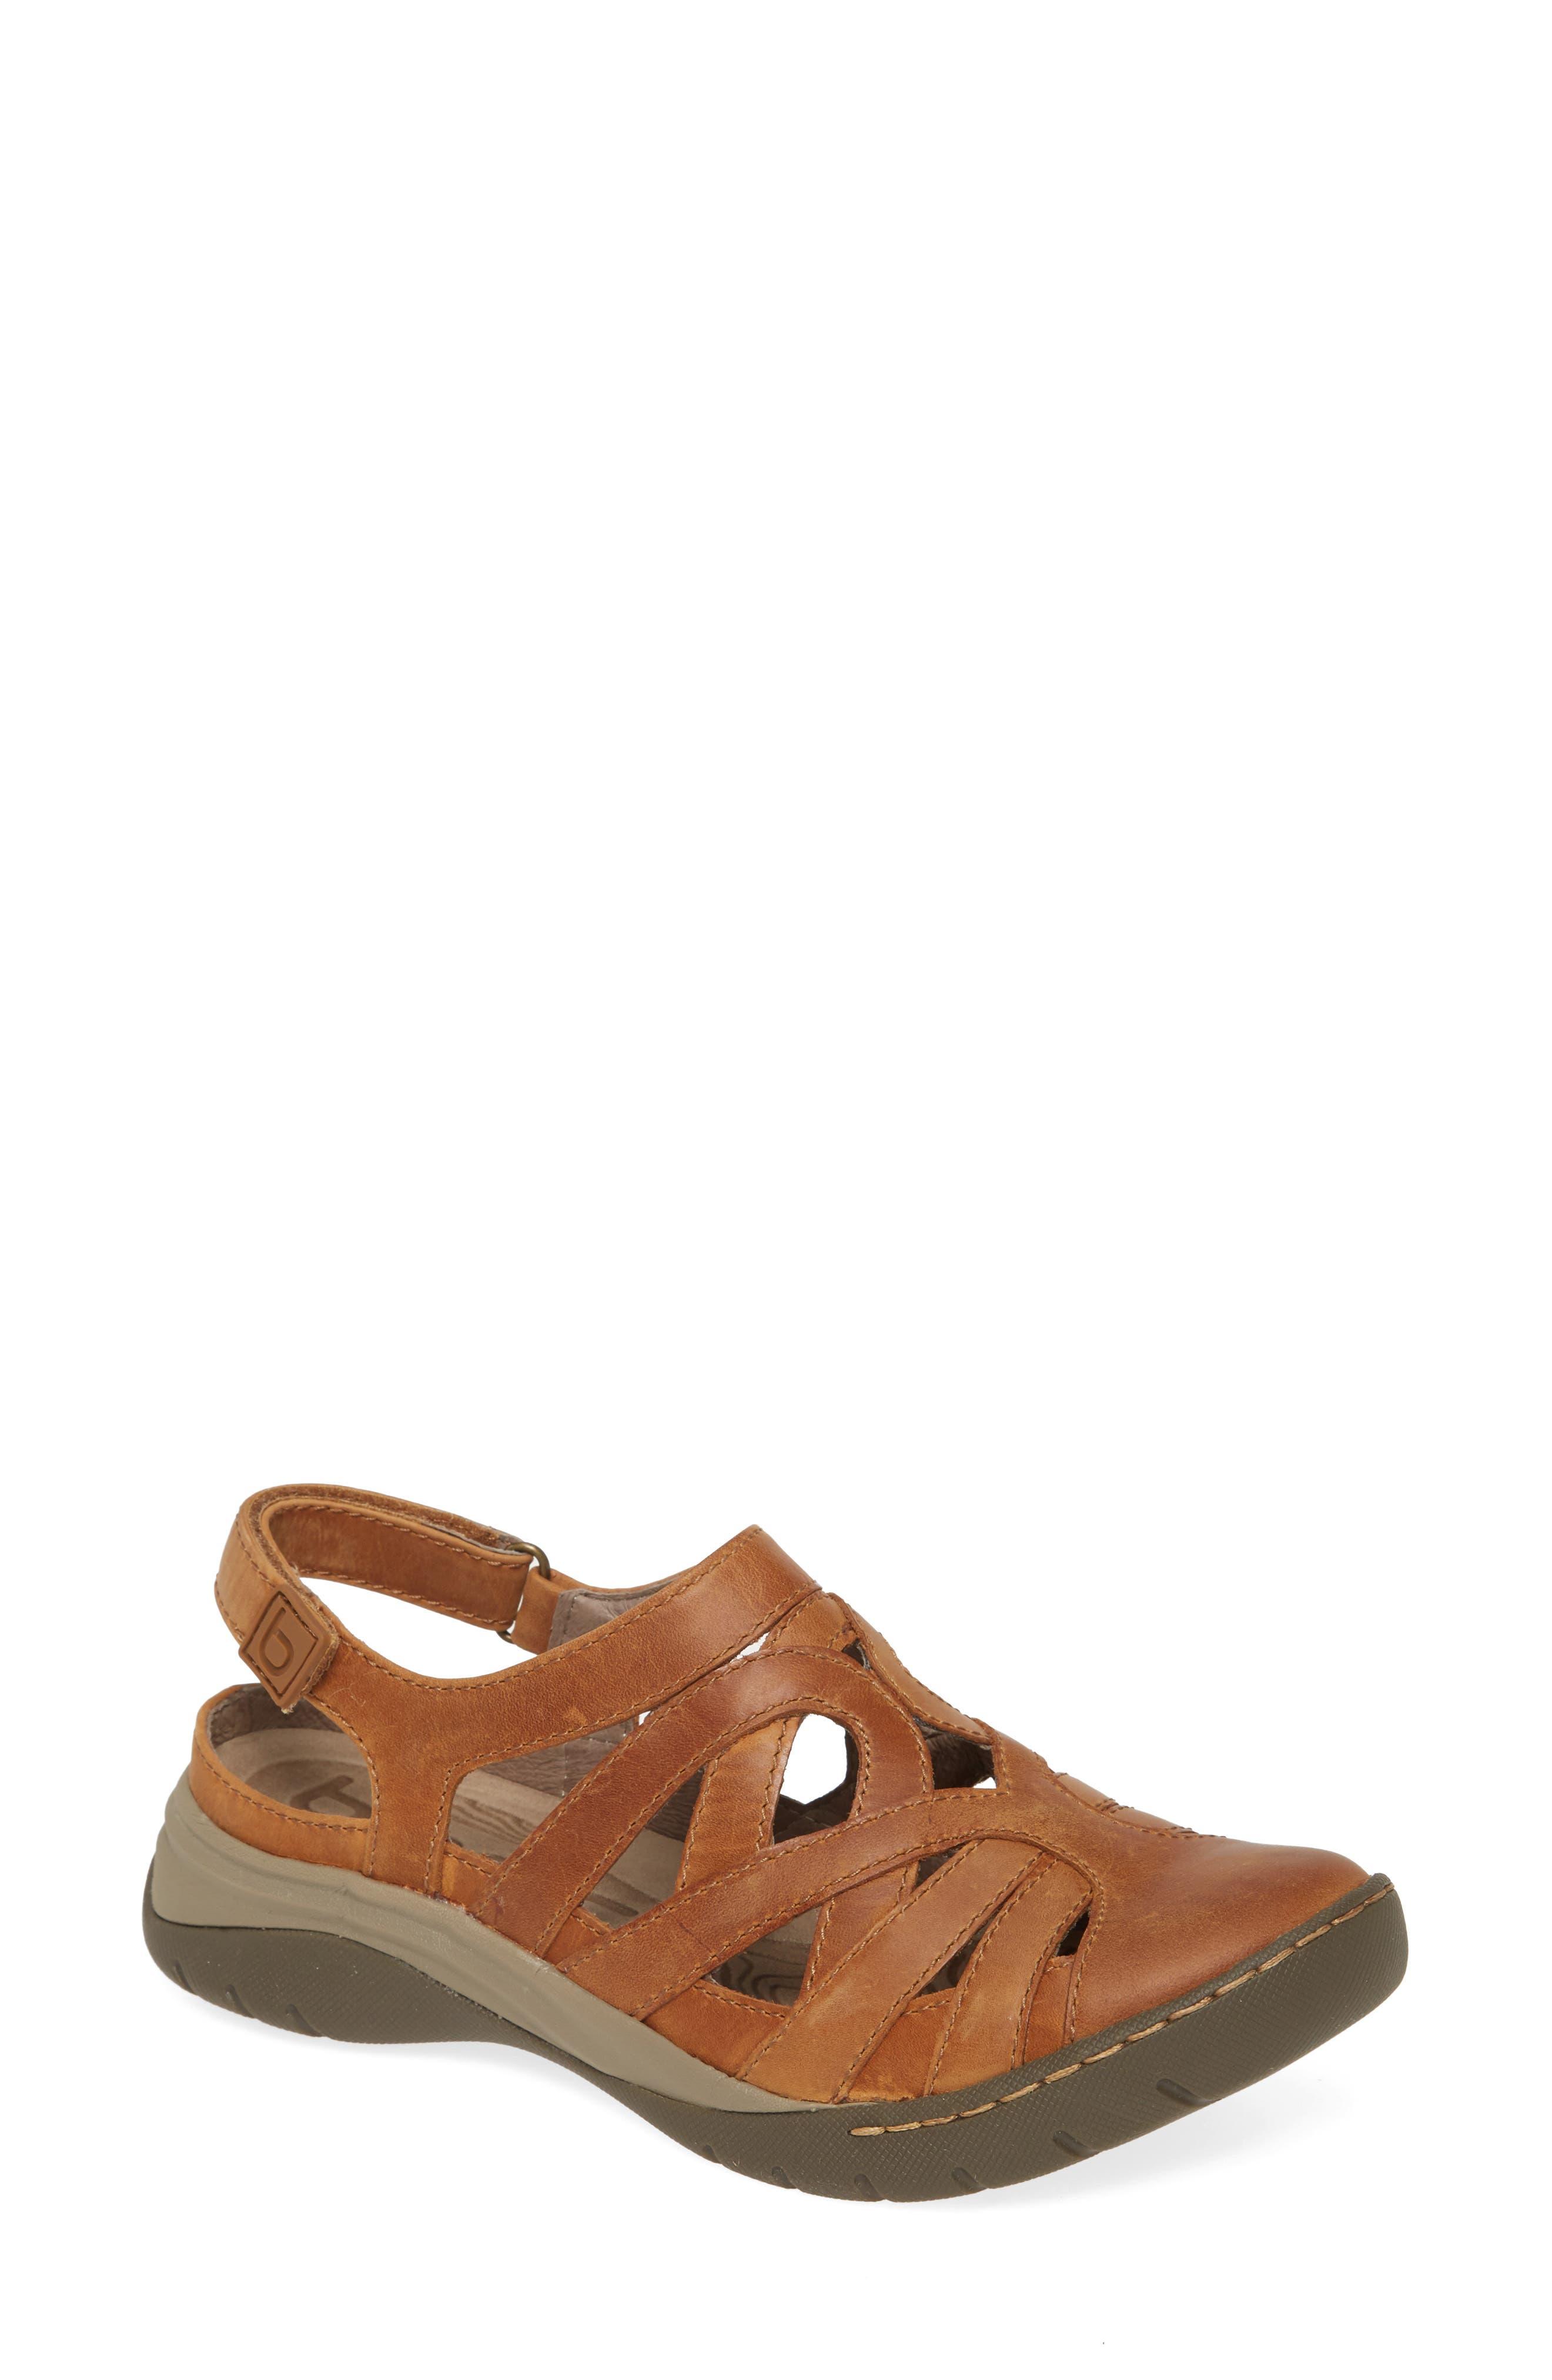 Women's Bionica Wira Water Friendly Sandal, Size 7 M - Beige